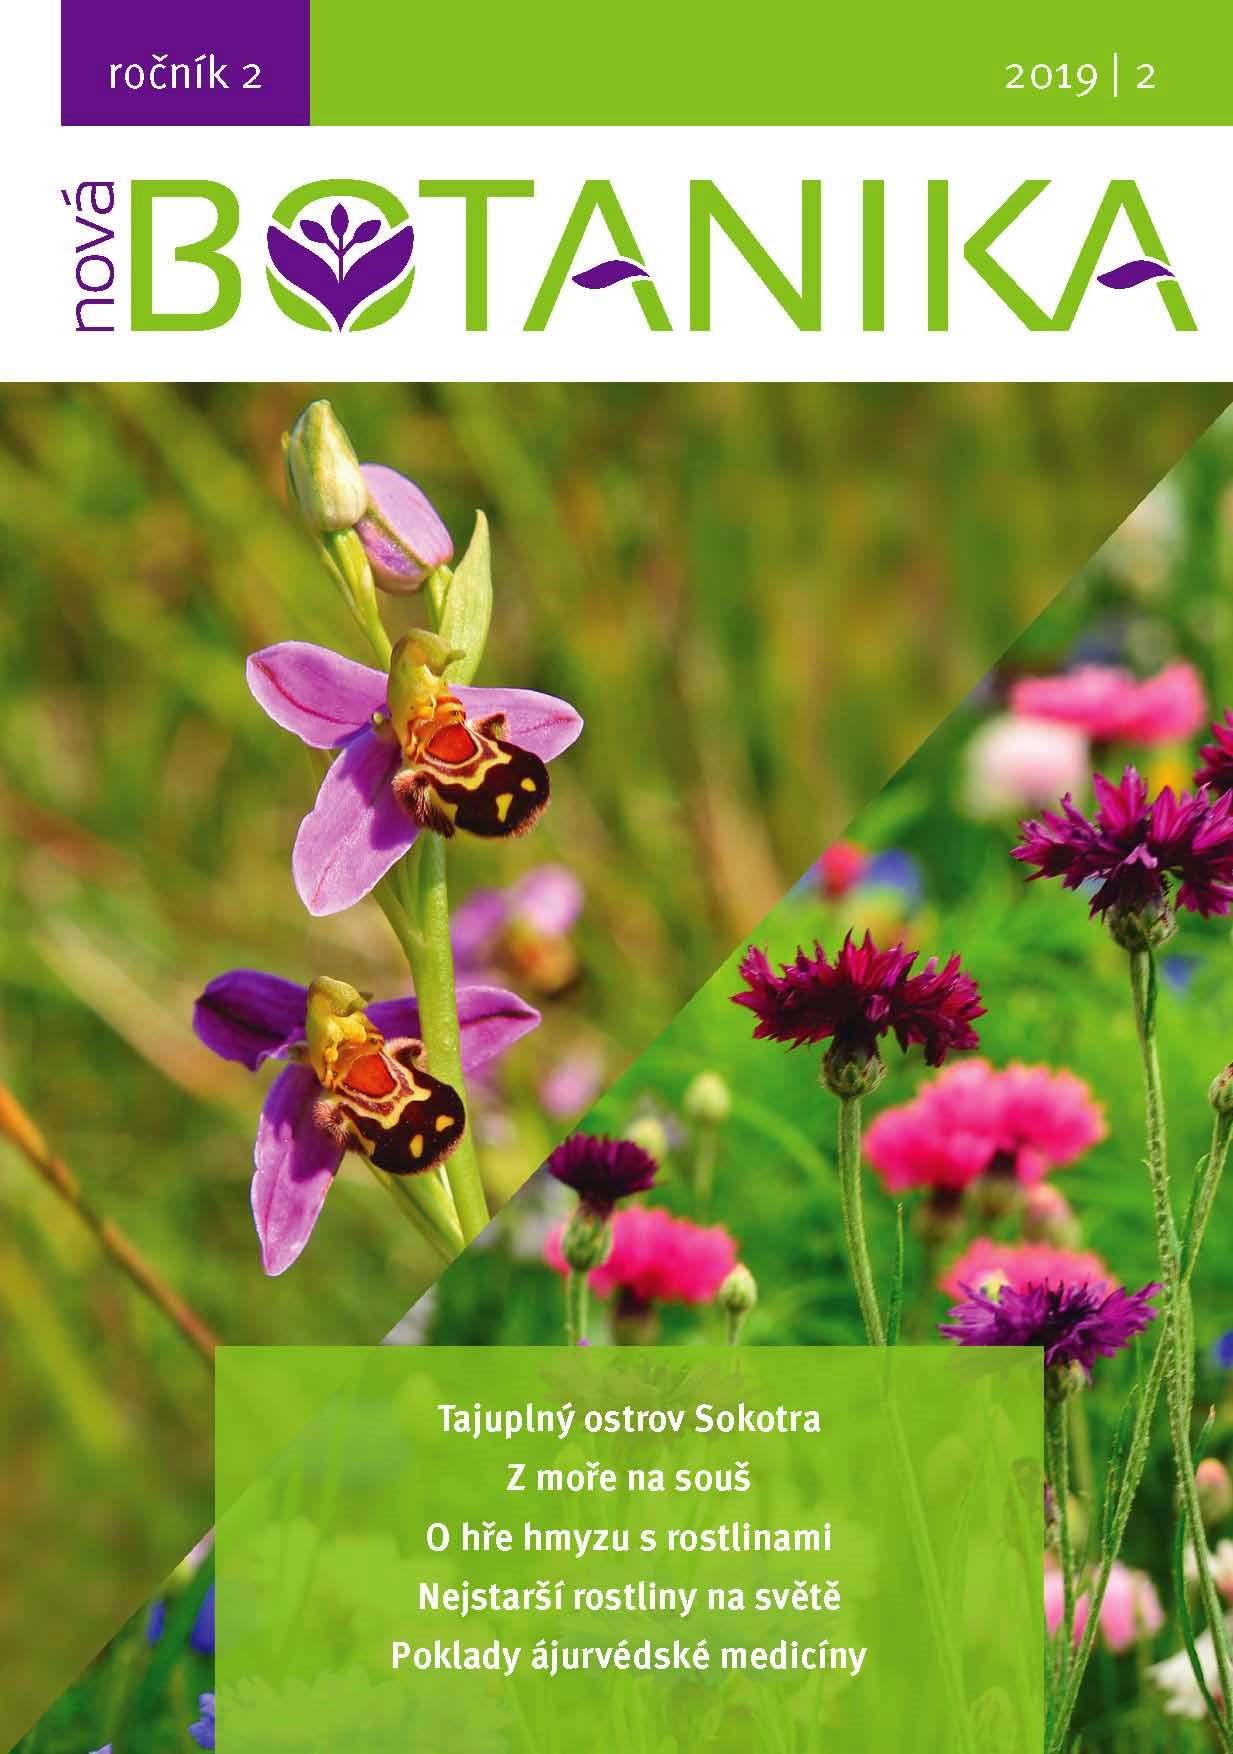 Obsah vydaných čísel Nové Botaniky (ročníky 2018 + 2019)